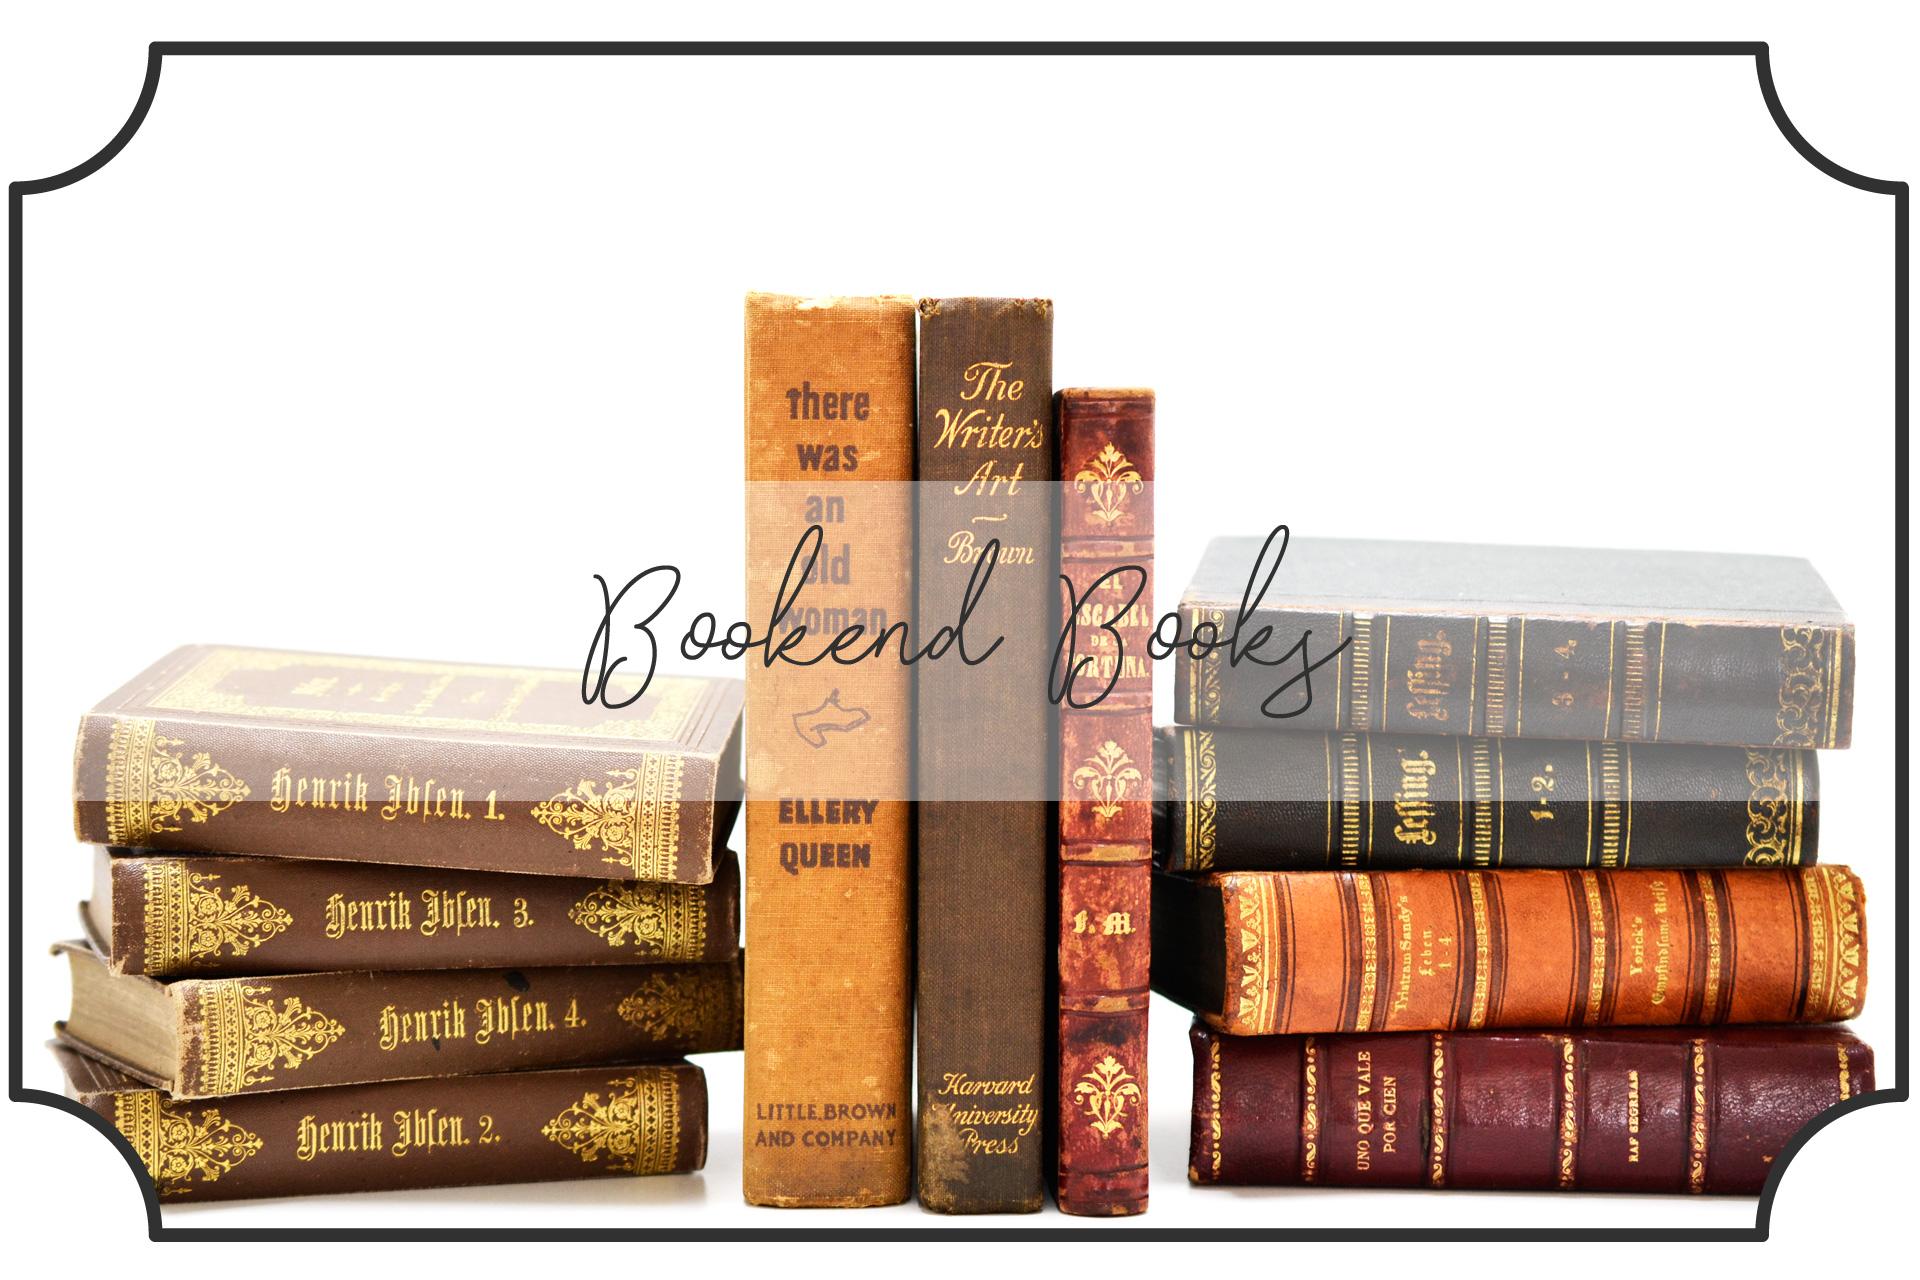 本を積み重ねたブックエンドで挟む